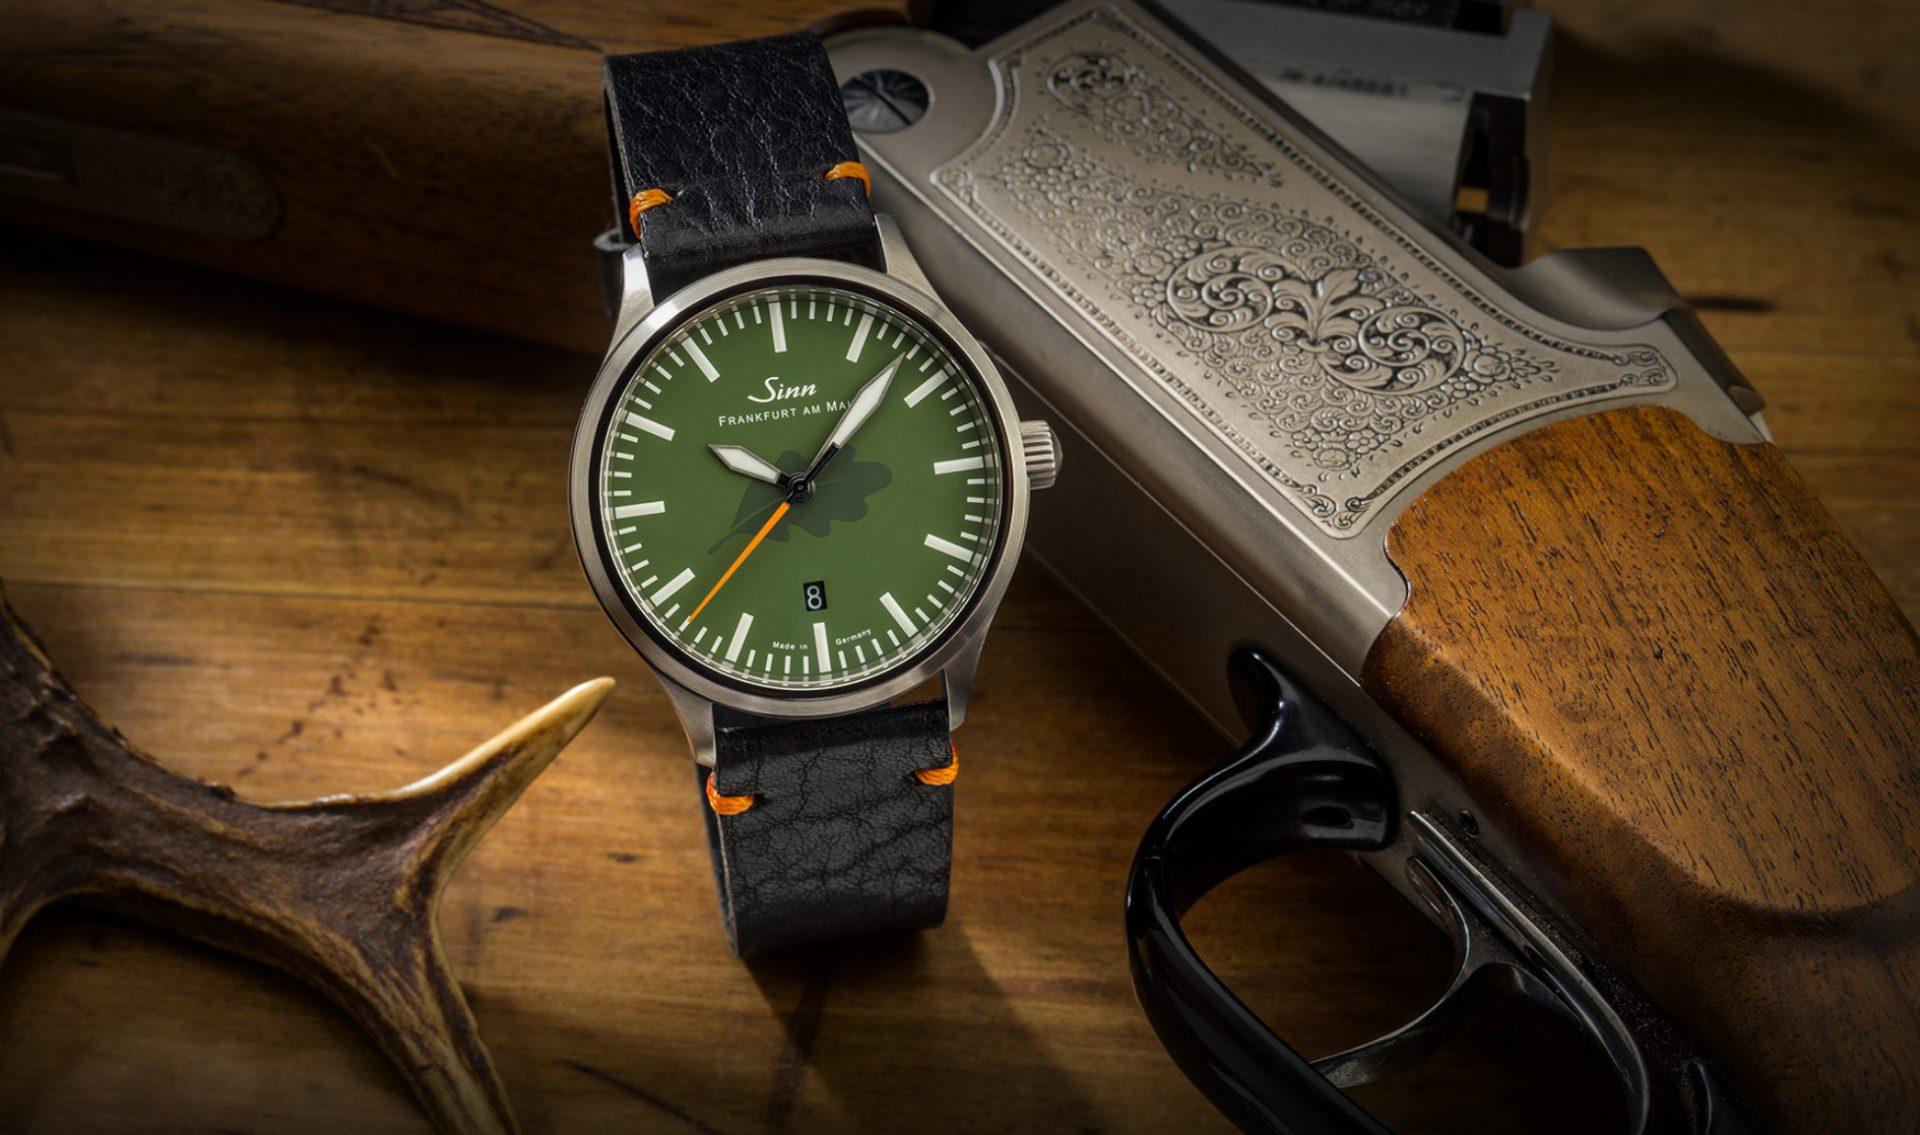 Uhrenfotograf für Produkte. Fotograf: Achim K. aus Frankfurt